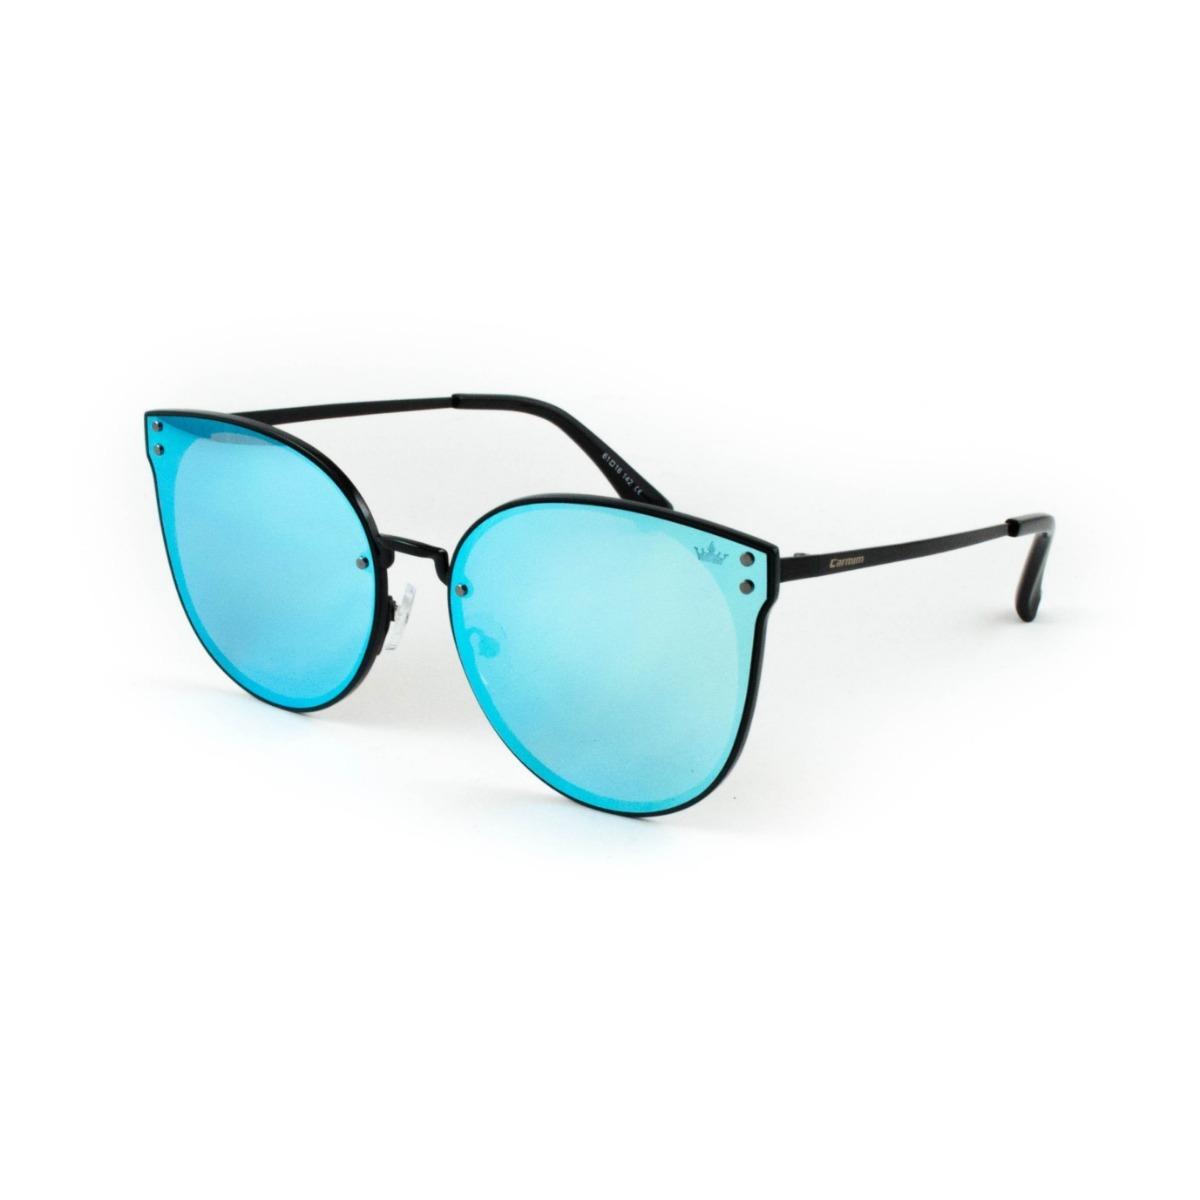 5e4eb2fecf4b7 óculos de sol carmim - crm42251 c3 - preto. Carregando zoom.